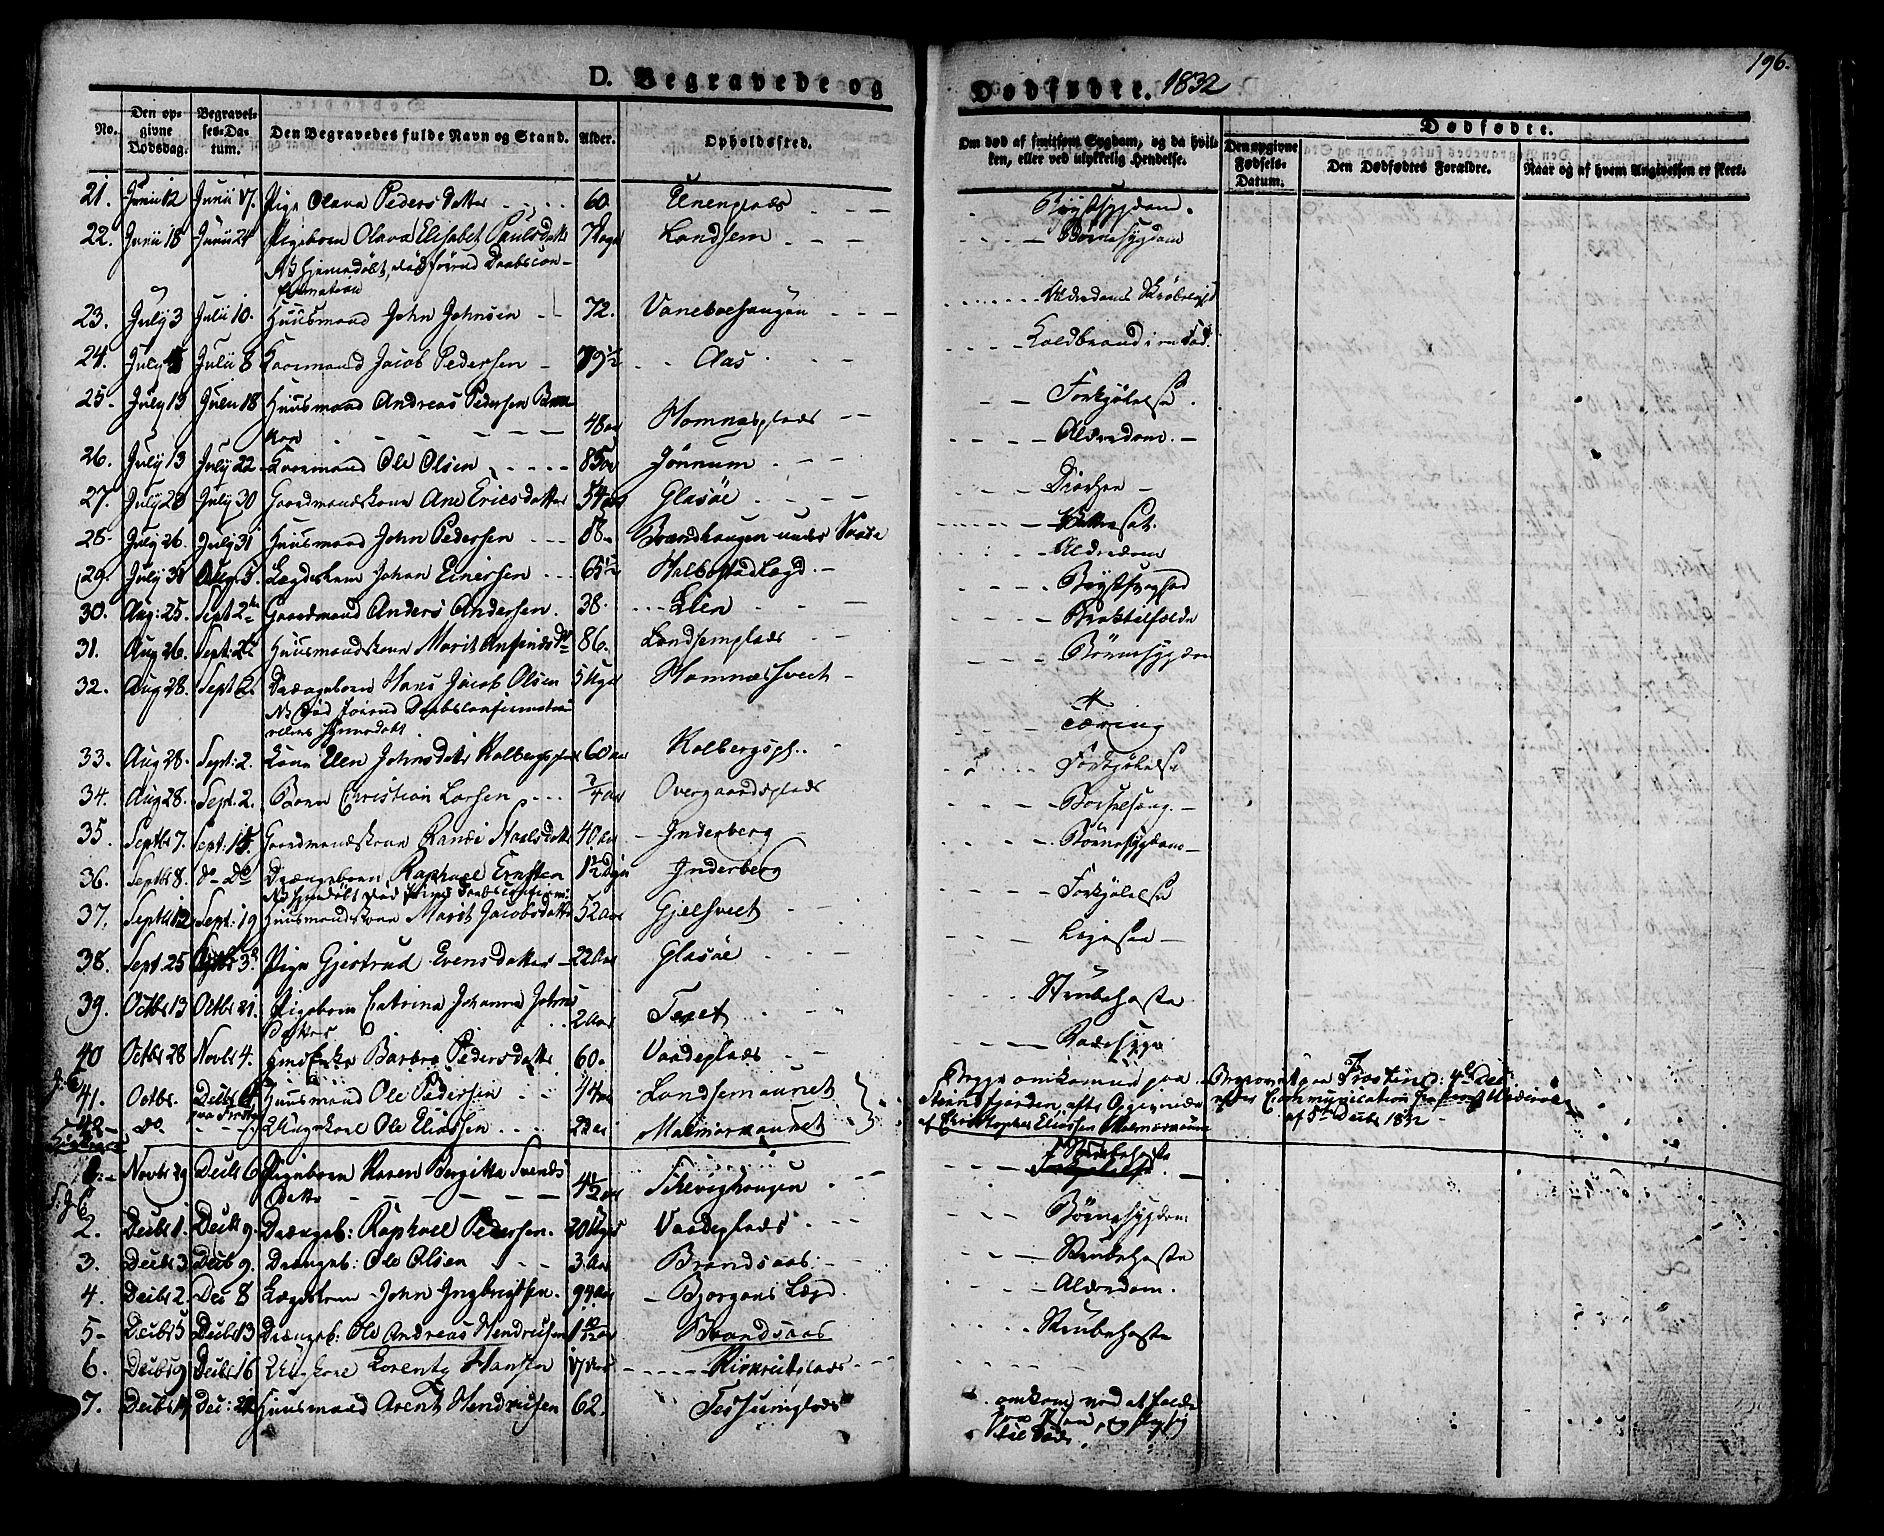 SAT, Ministerialprotokoller, klokkerbøker og fødselsregistre - Nord-Trøndelag, 741/L0390: Ministerialbok nr. 741A04, 1822-1836, s. 196